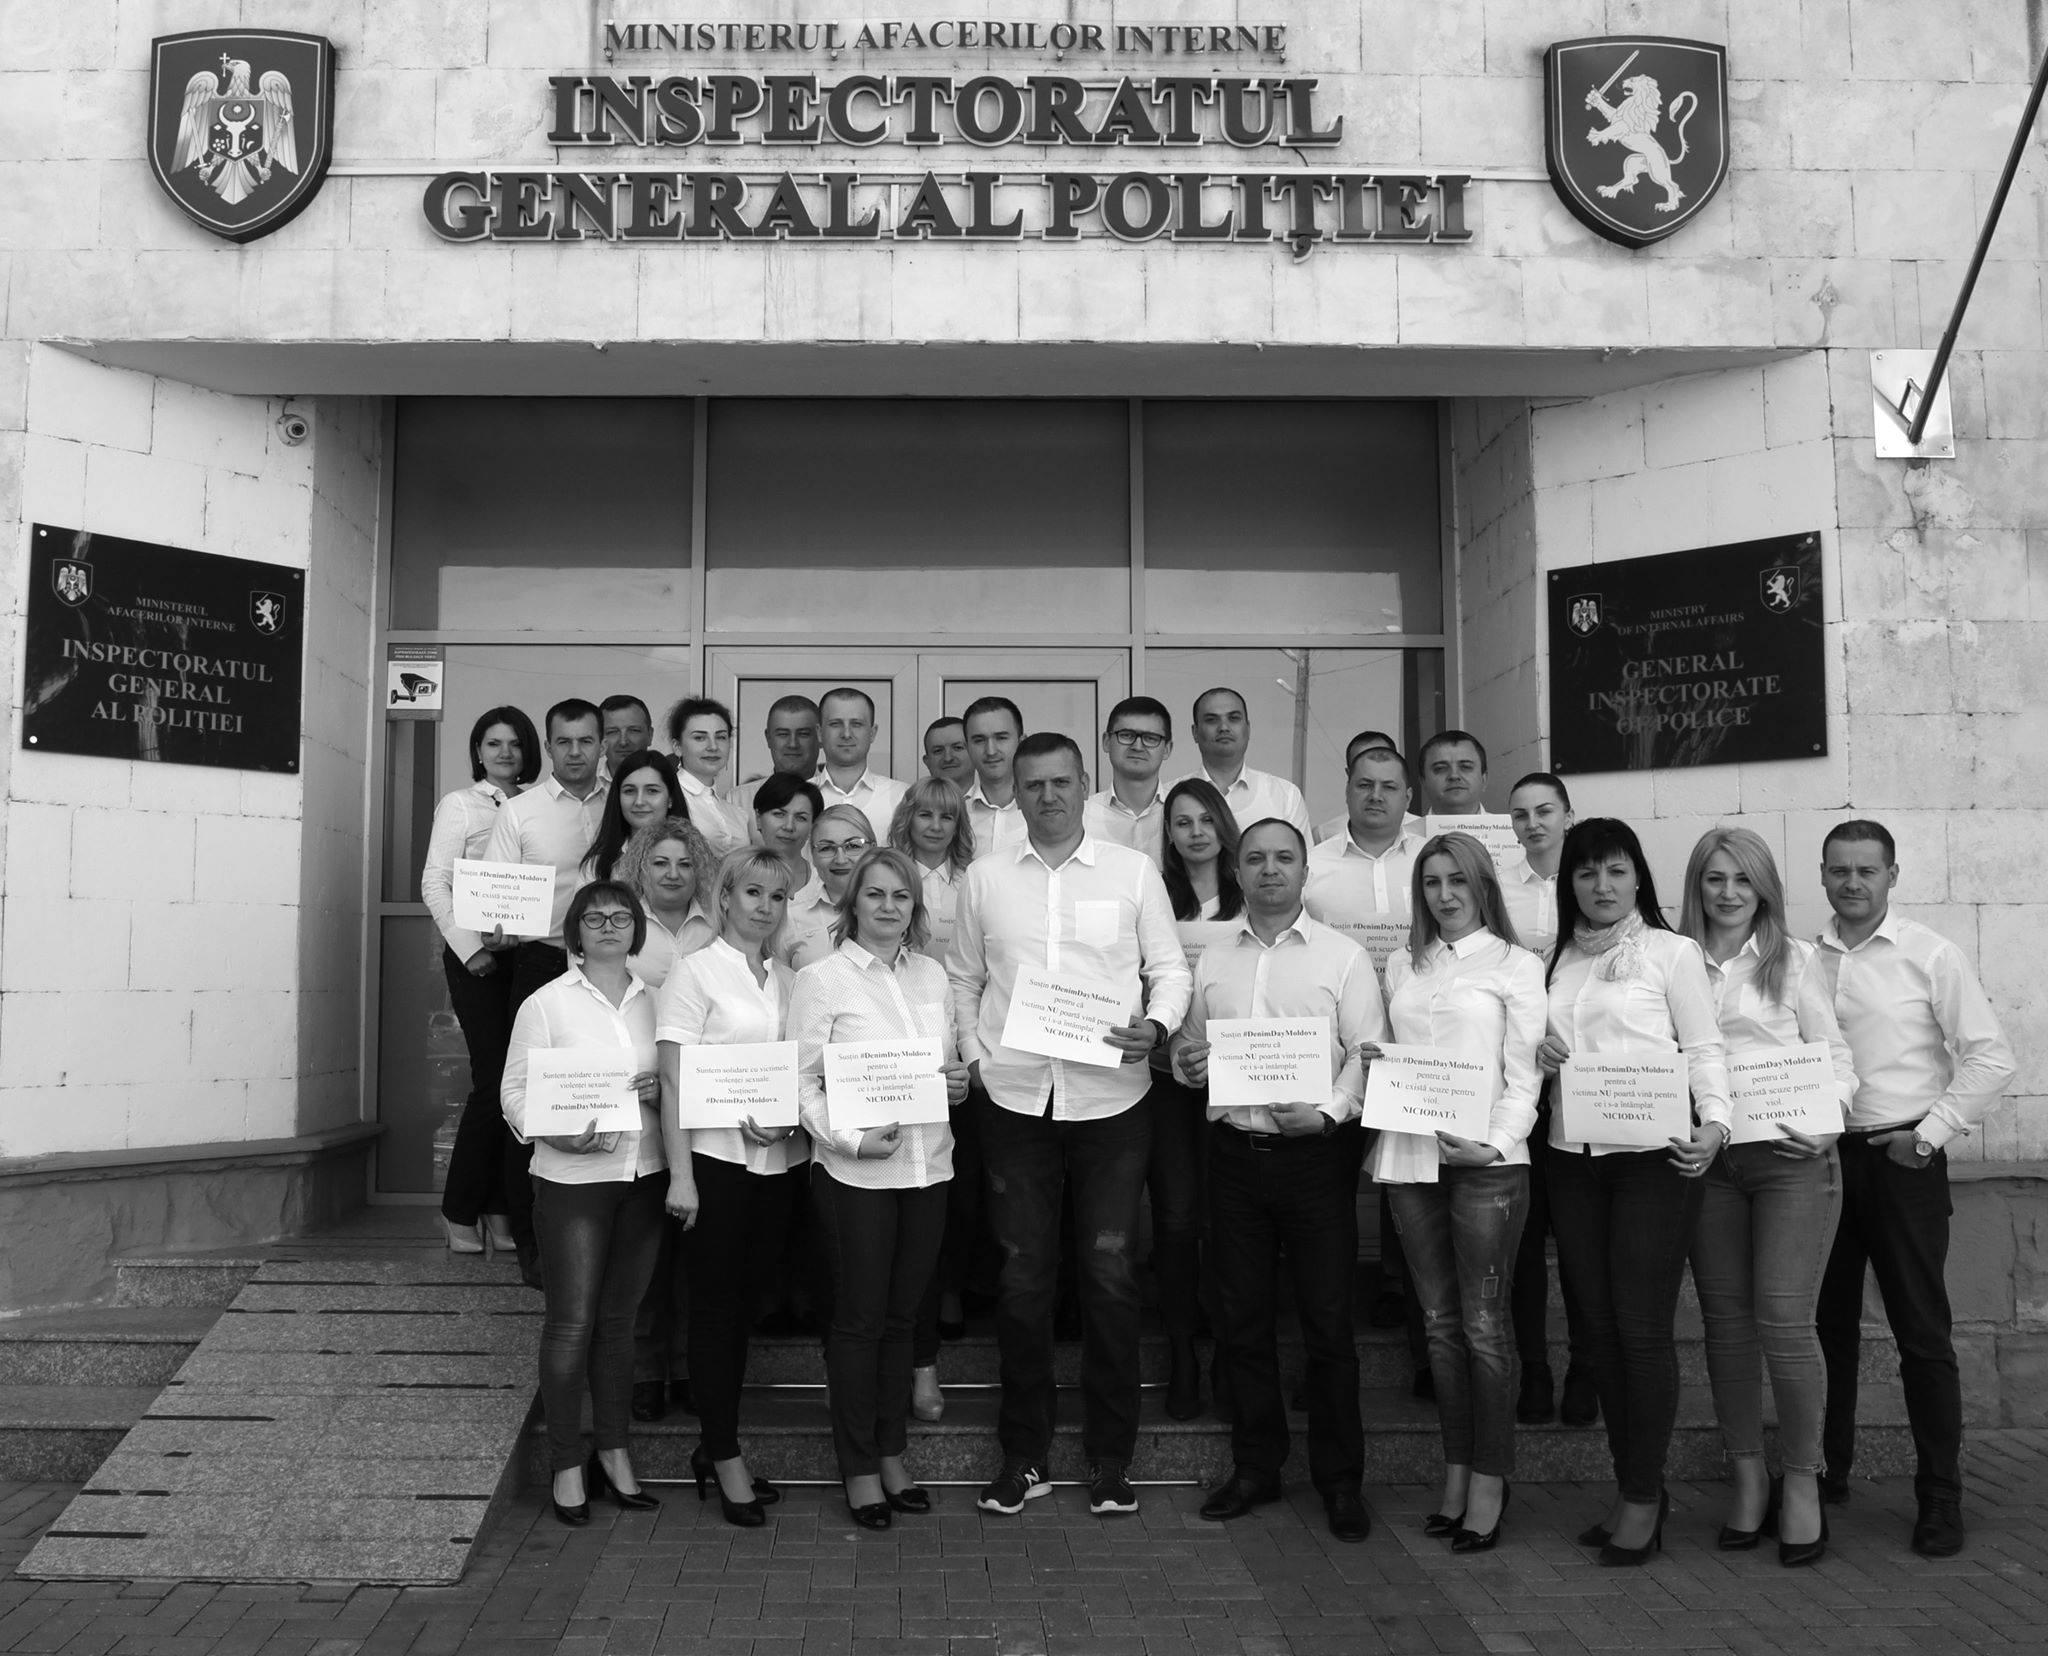 Șeful IGP: Am lăsat uniforma polițienească, am ales blugii și cămașa albă pentru a ne solidariza cu victimele violenței sexuale